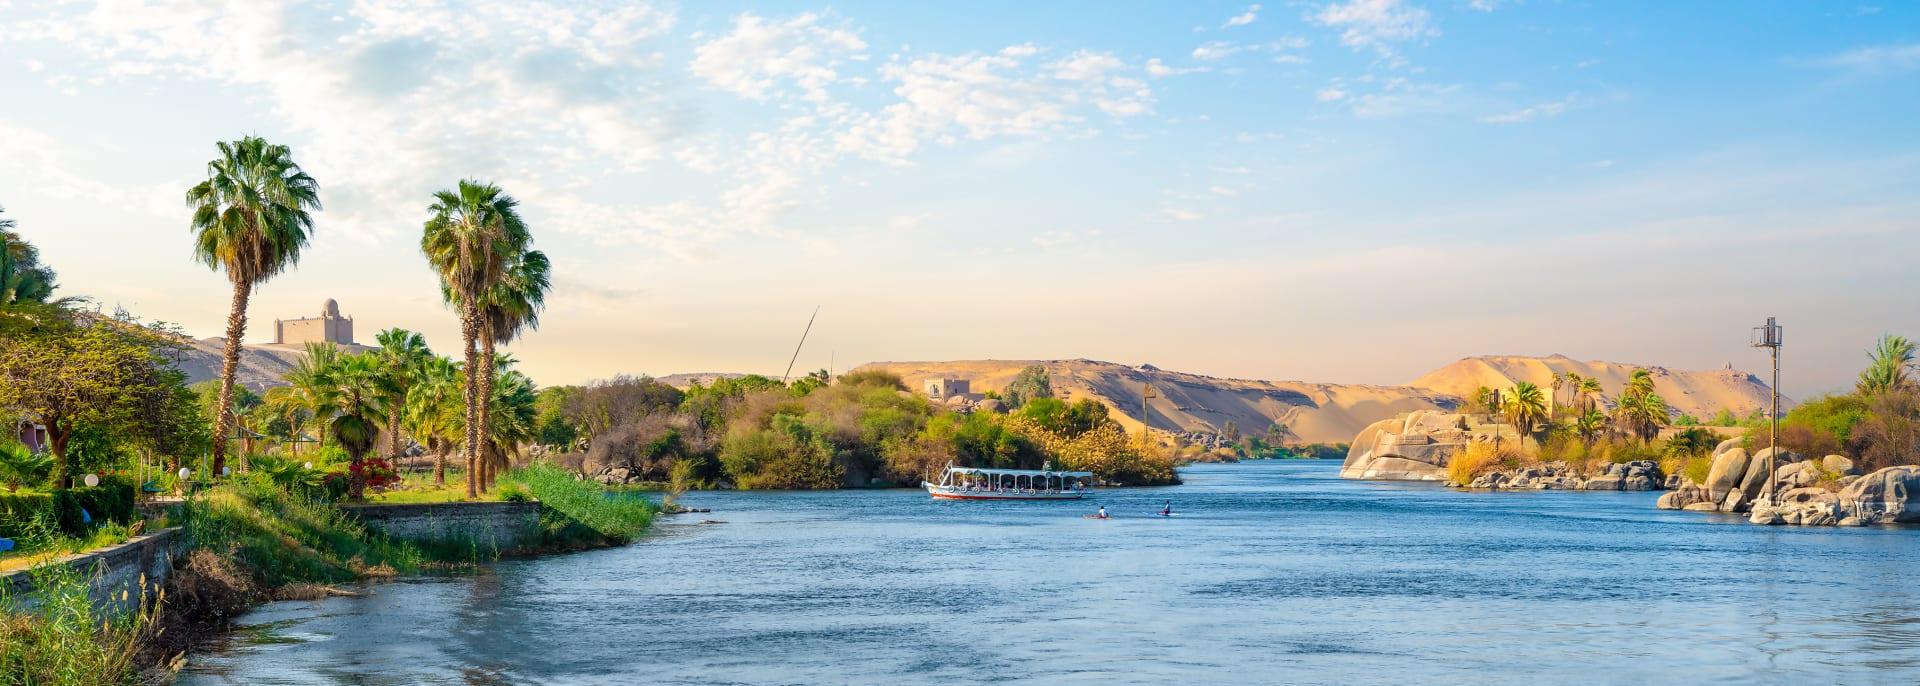 Afrika Flussfahrt